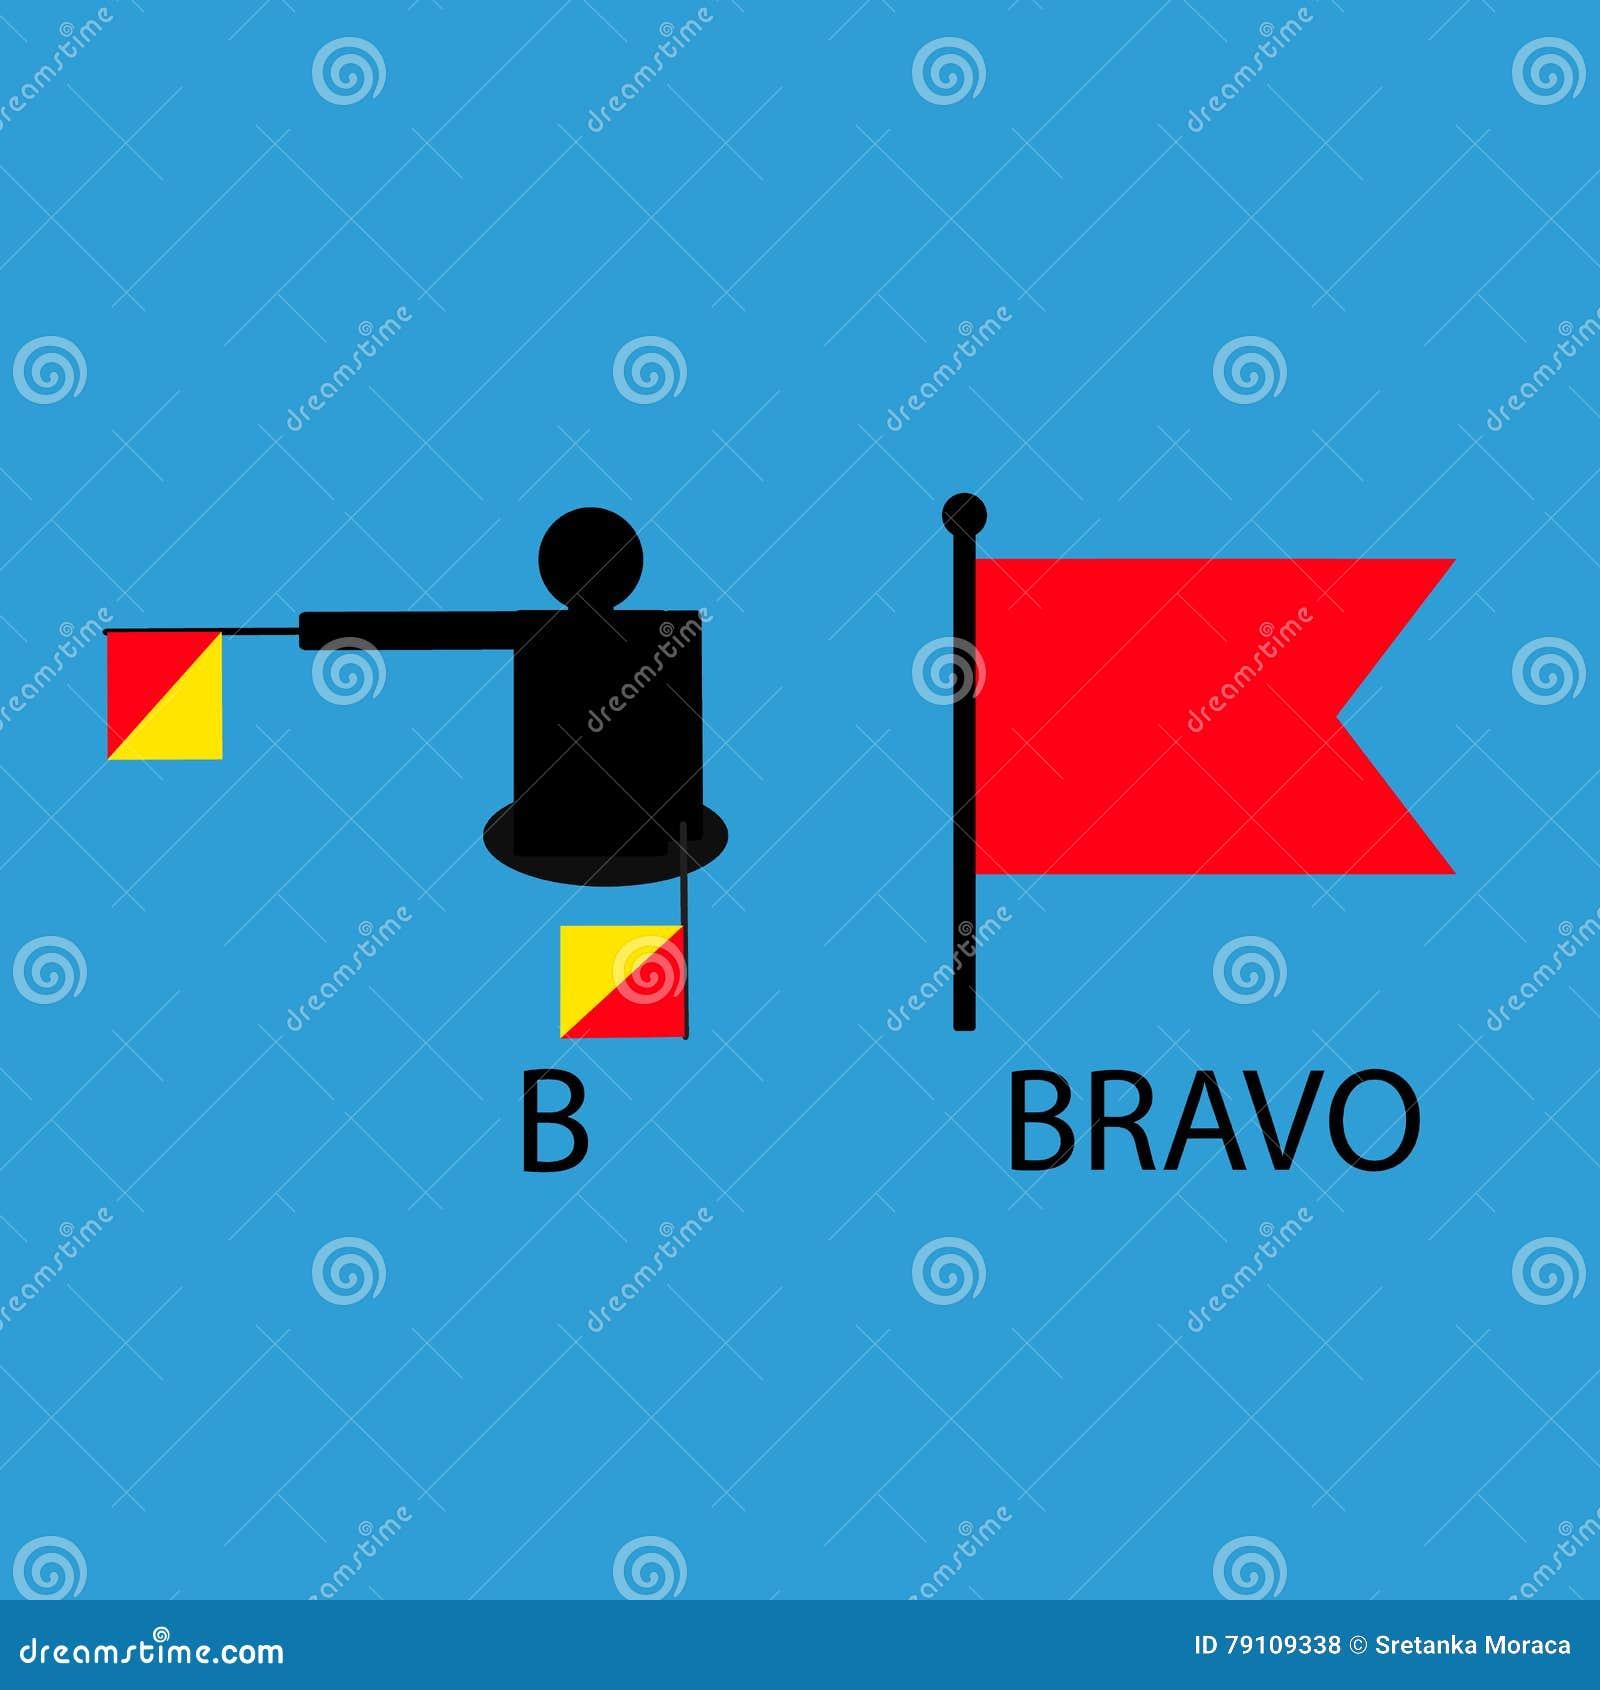 Διεθνής θαλάσσια σημαία σημάτων, αλφάβητο θάλασσας, διανυσματική απεικόνιση, σηματοφόρος, επικοινωνία, bravo